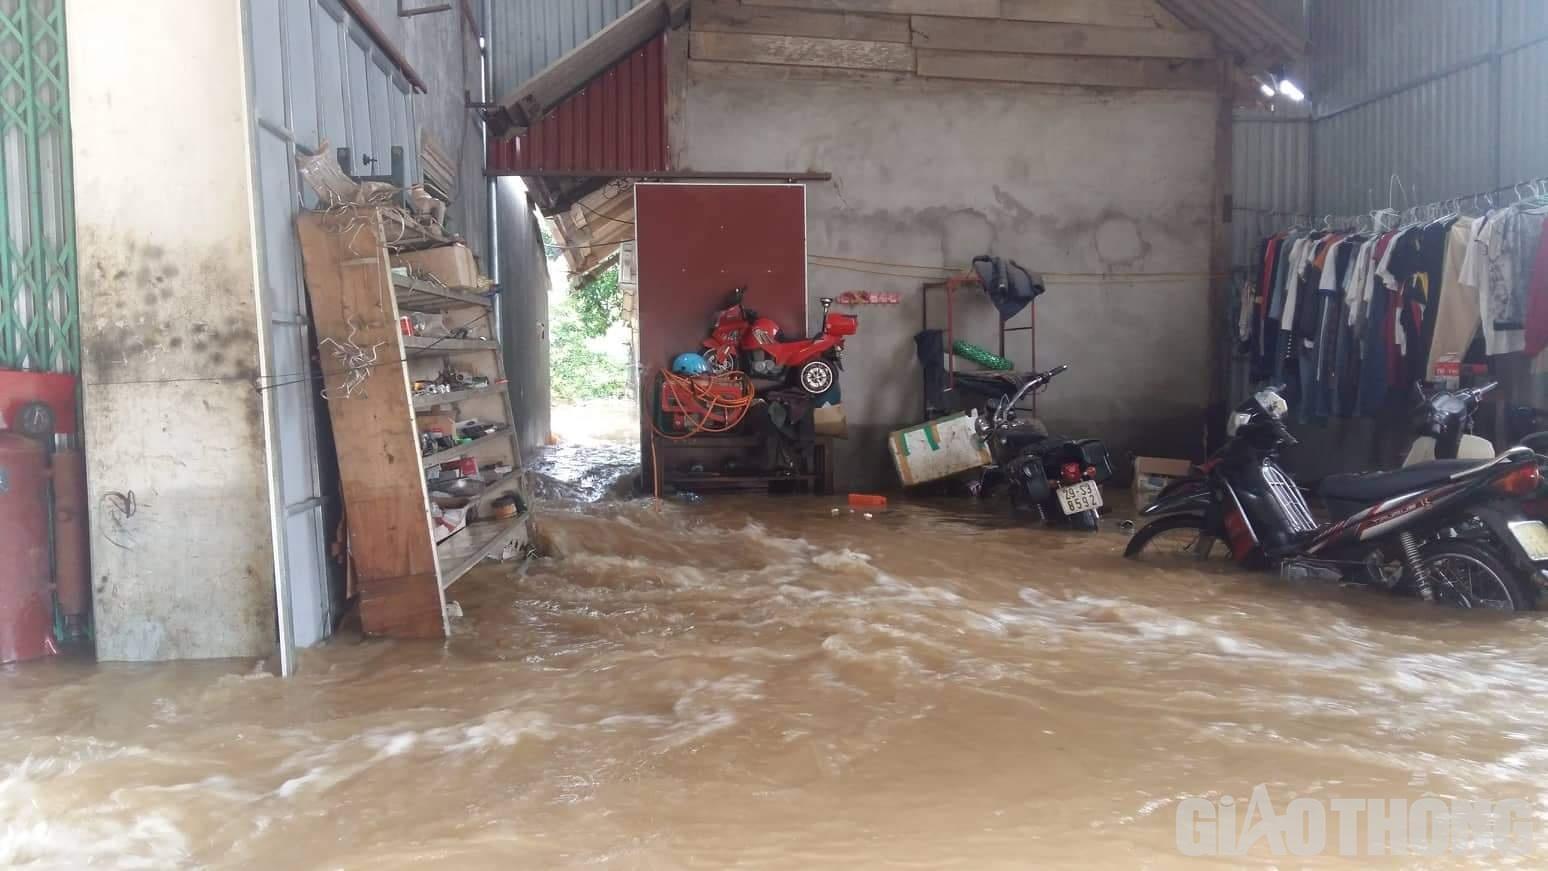 Mưa lũ khiến 1 người chết, hàng trăm ngôi nhà ở Sơn La bị ngập sâu - Ảnh 8